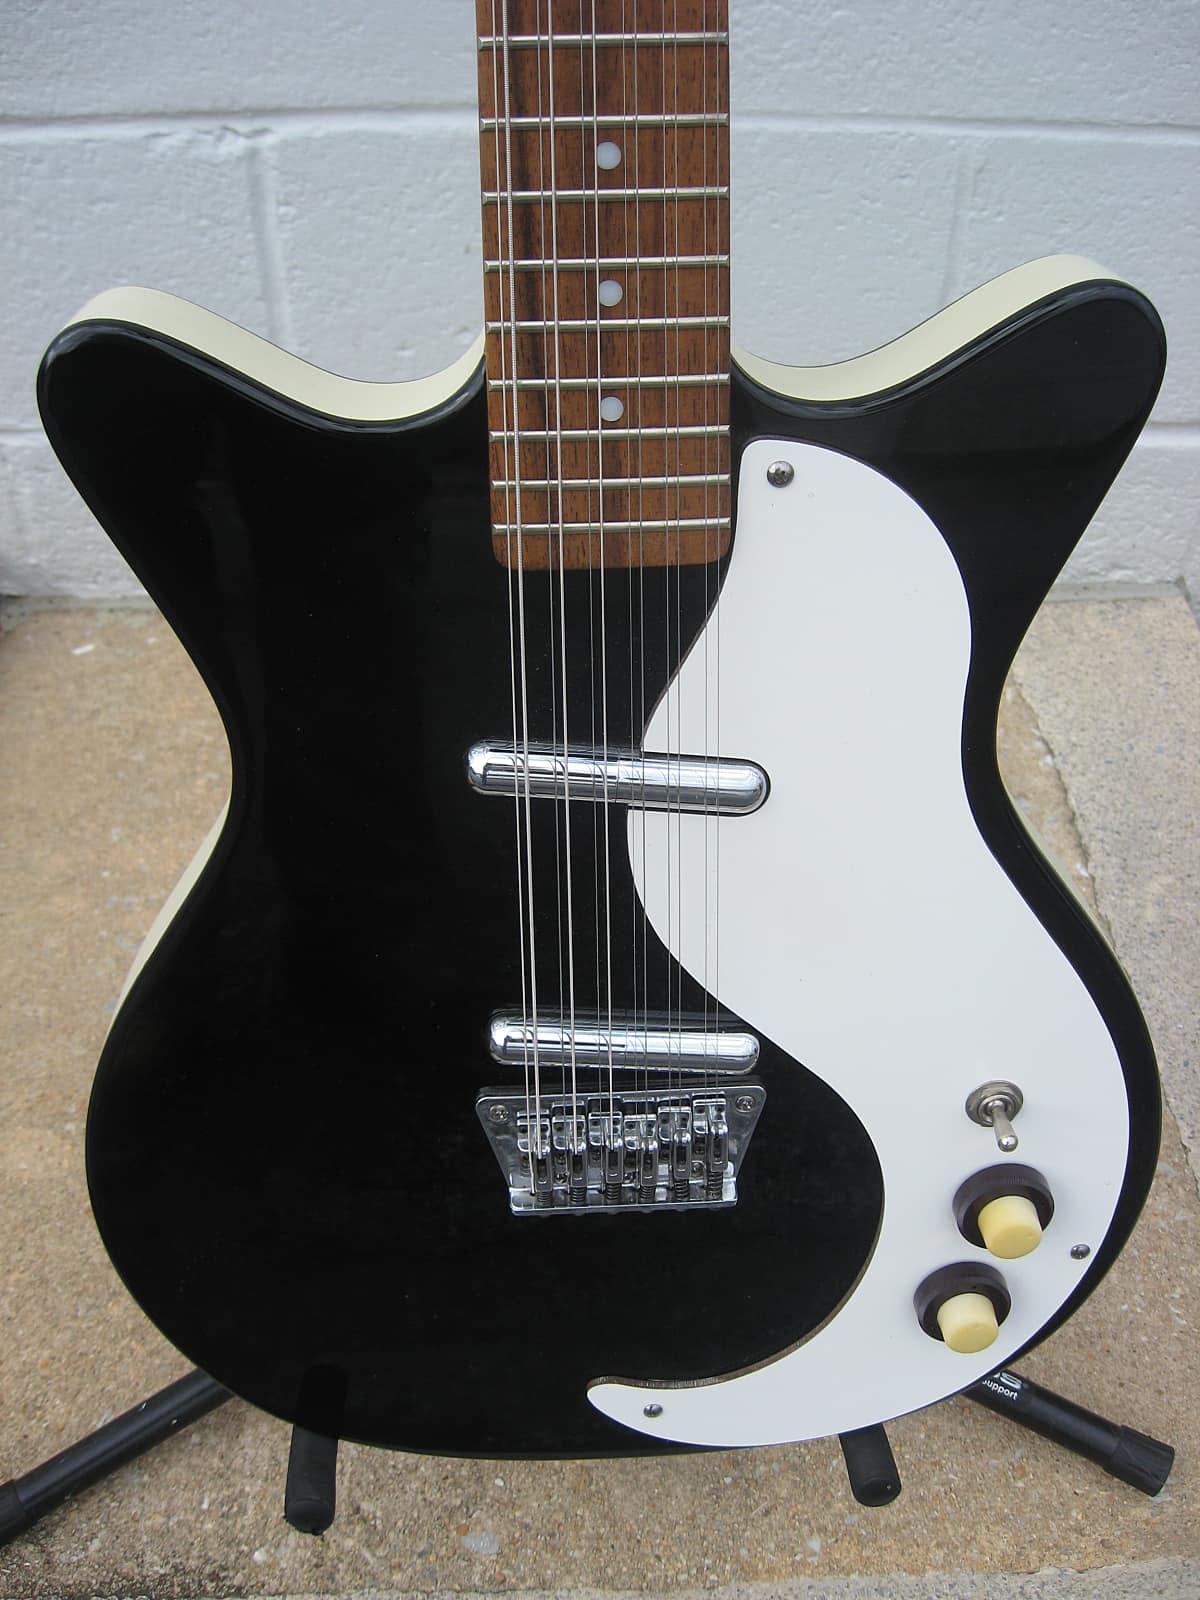 danelectro dc12 12 string 00 39 s black guitar with gig bag reverb. Black Bedroom Furniture Sets. Home Design Ideas